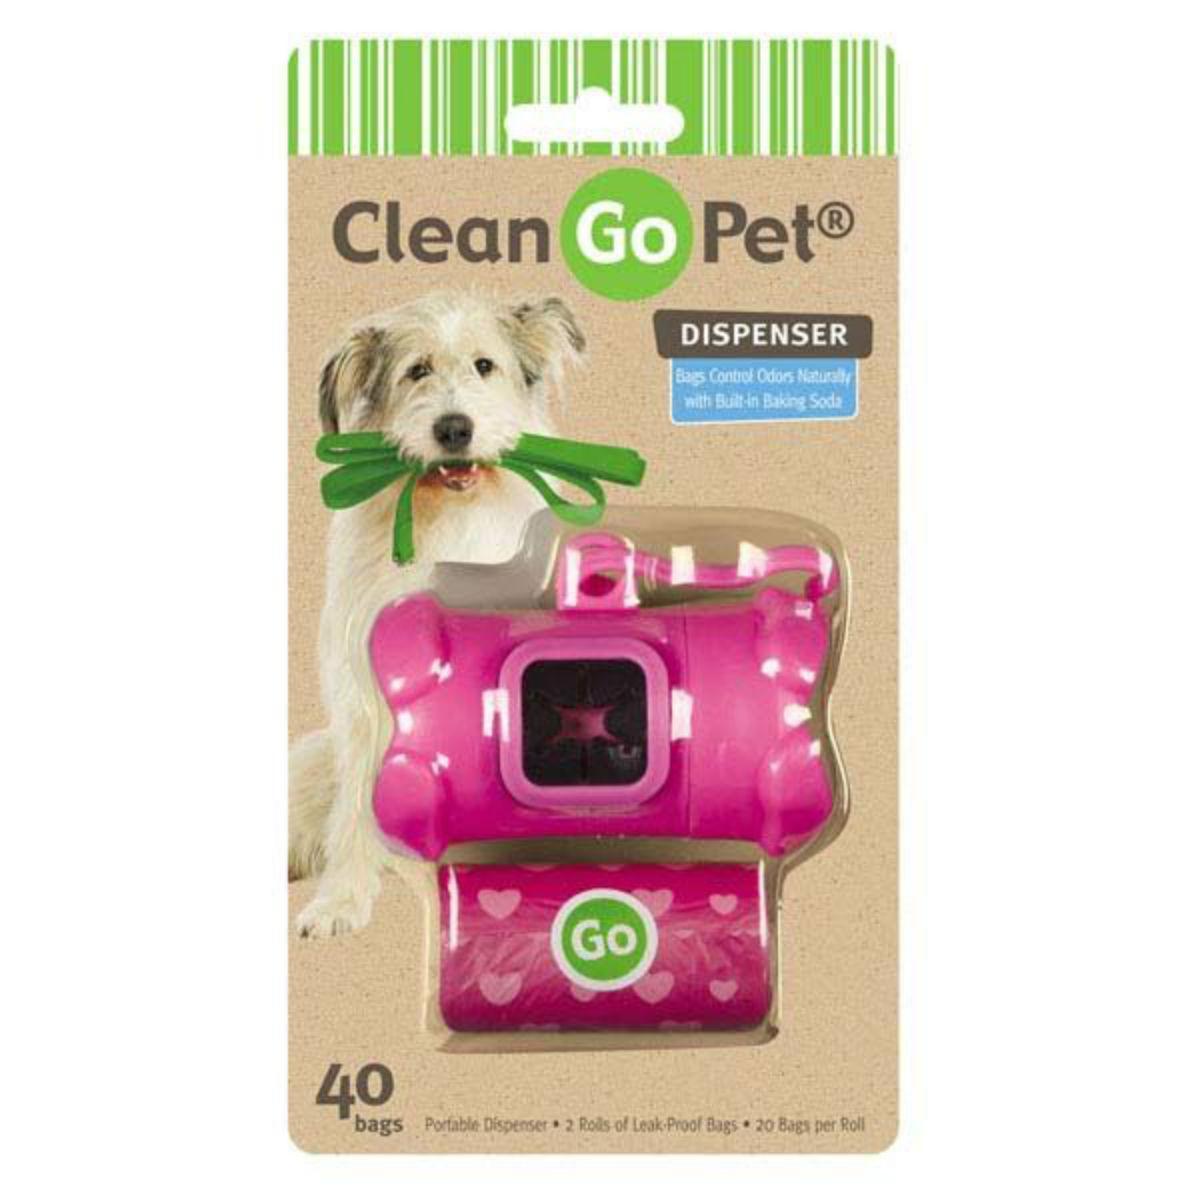 Clean Go Pet Bone Waste Bag Holders - Pink